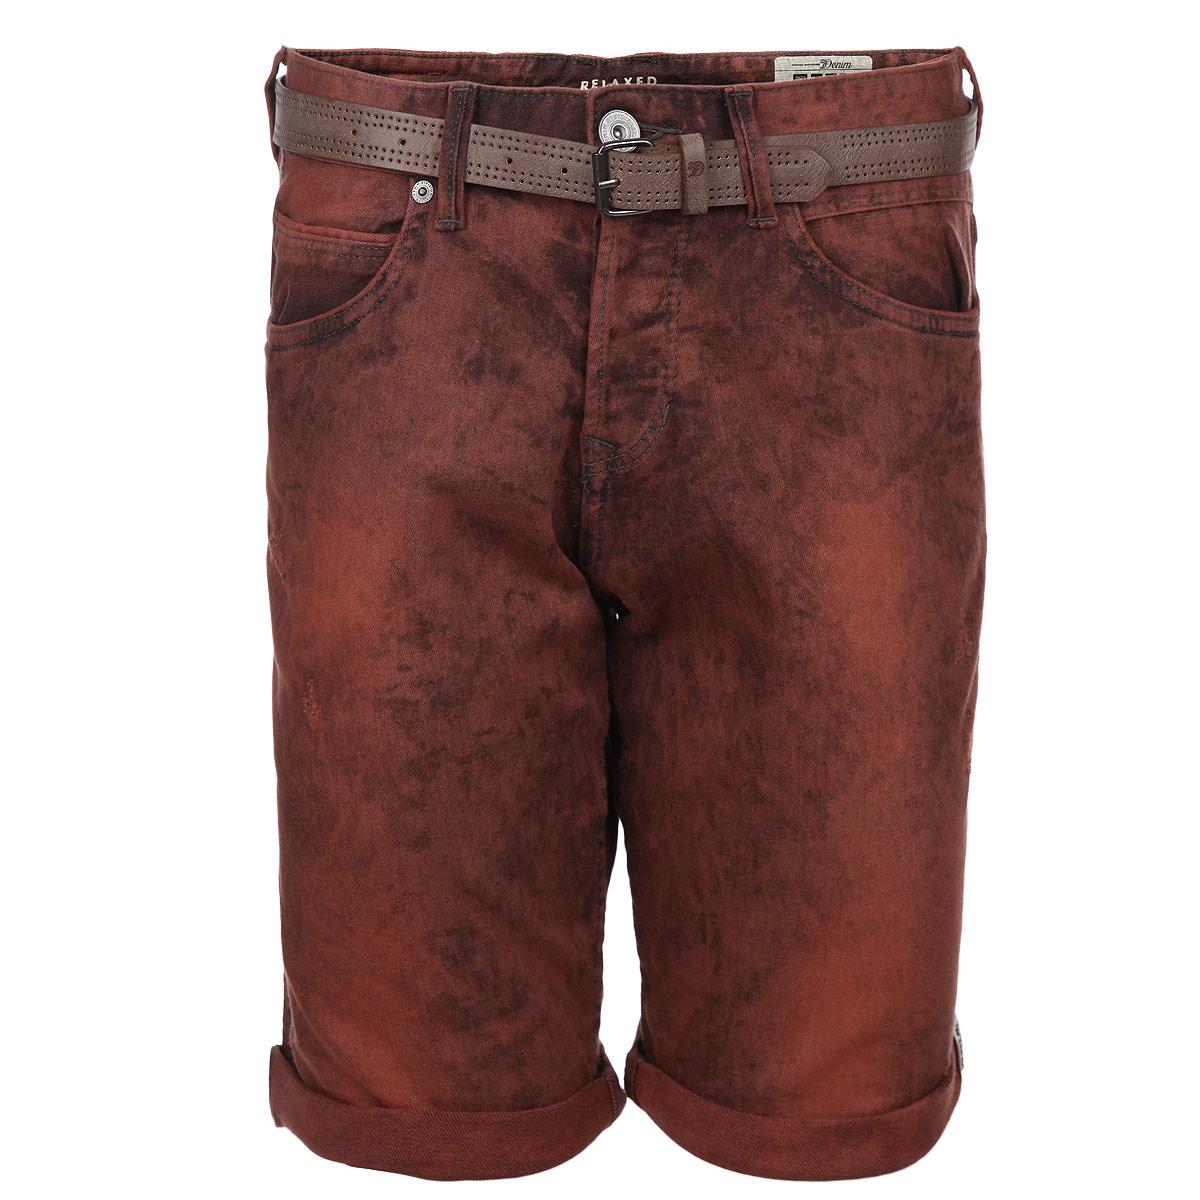 Шорты мужские. 6203481.62.126203481.62.12_3510Стильные джинсовые шорты с отворотами Tom Tailor изготовлены из плотной хлопковой ткани, которая подарит вам максимальный комфорт и удобство в жаркую погоду. Модель прямого покроя с ширинкой на пуговицах, на талии также застегивается на пуговицу. Спереди шорты дополнены двумя втачными карманами и одним небольшим секретным кармашком, сзади расположены два больших накладных кармана. Модель удачно дополняет ремень из искусственной кожи с металлической пряжкой. Стильные мужские шорты - удобный и практичный элемент летнего гардероба.